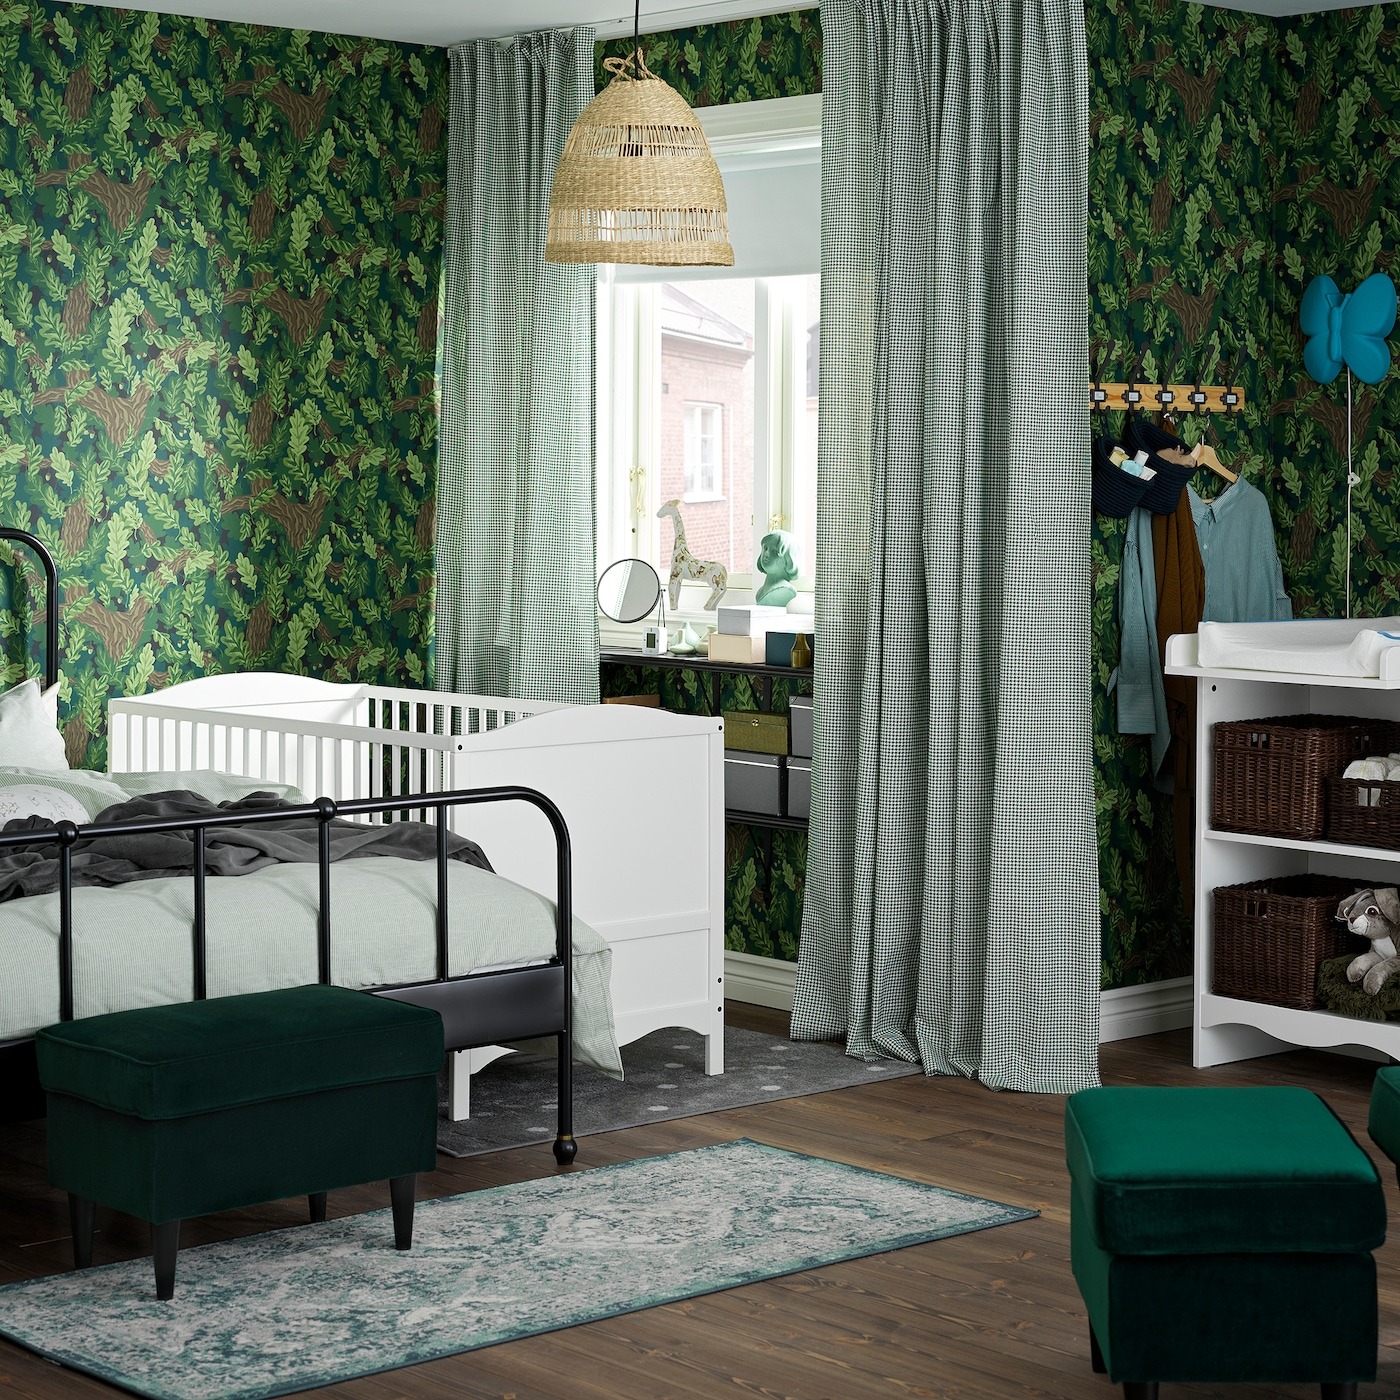 Zelena spavaća soba/dečja soba sa stolom za povijanje i krevecem u beloj boji, crnim krevetnim okvirom i belim/zelenim zavesama.